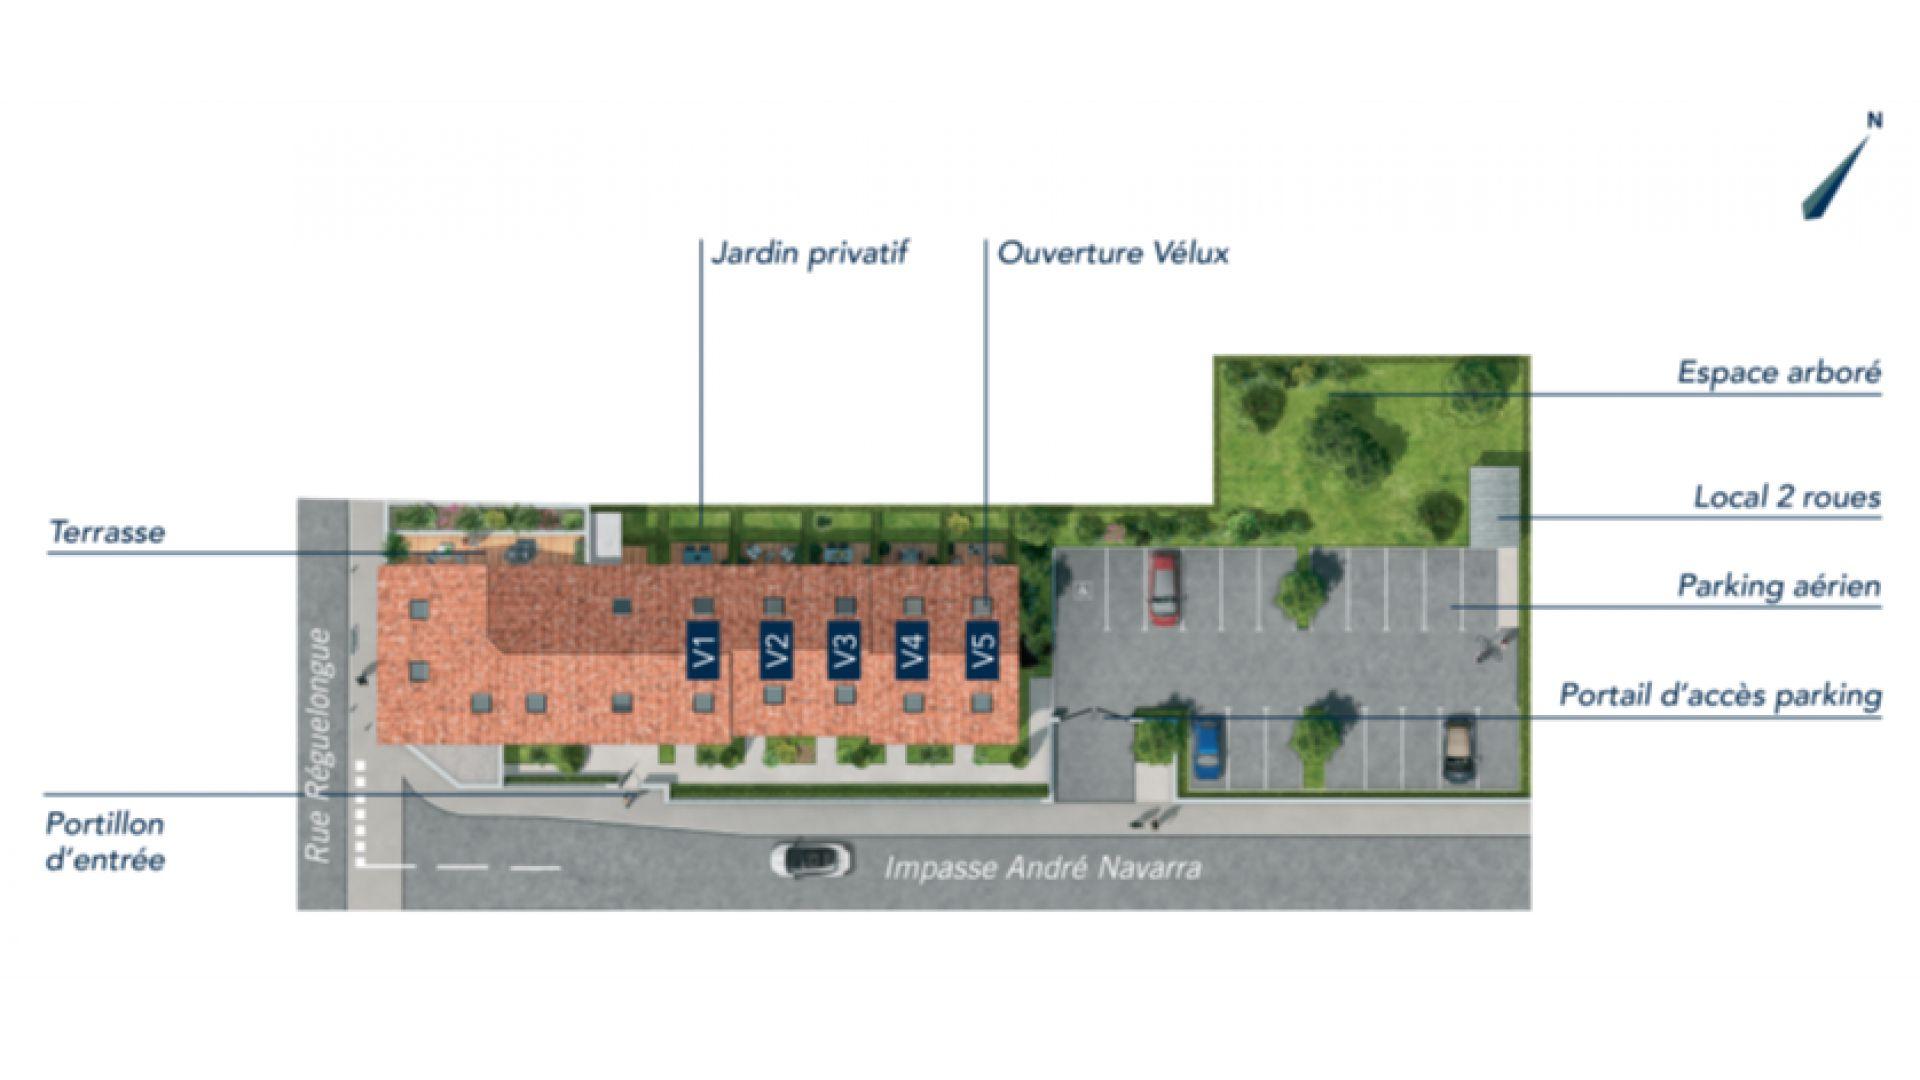 GreenCity immobilier - Toulouse Saint-Simon - 31100 - Résidence Tempo Verde - appartements neufs et villas neuves - plan de masse